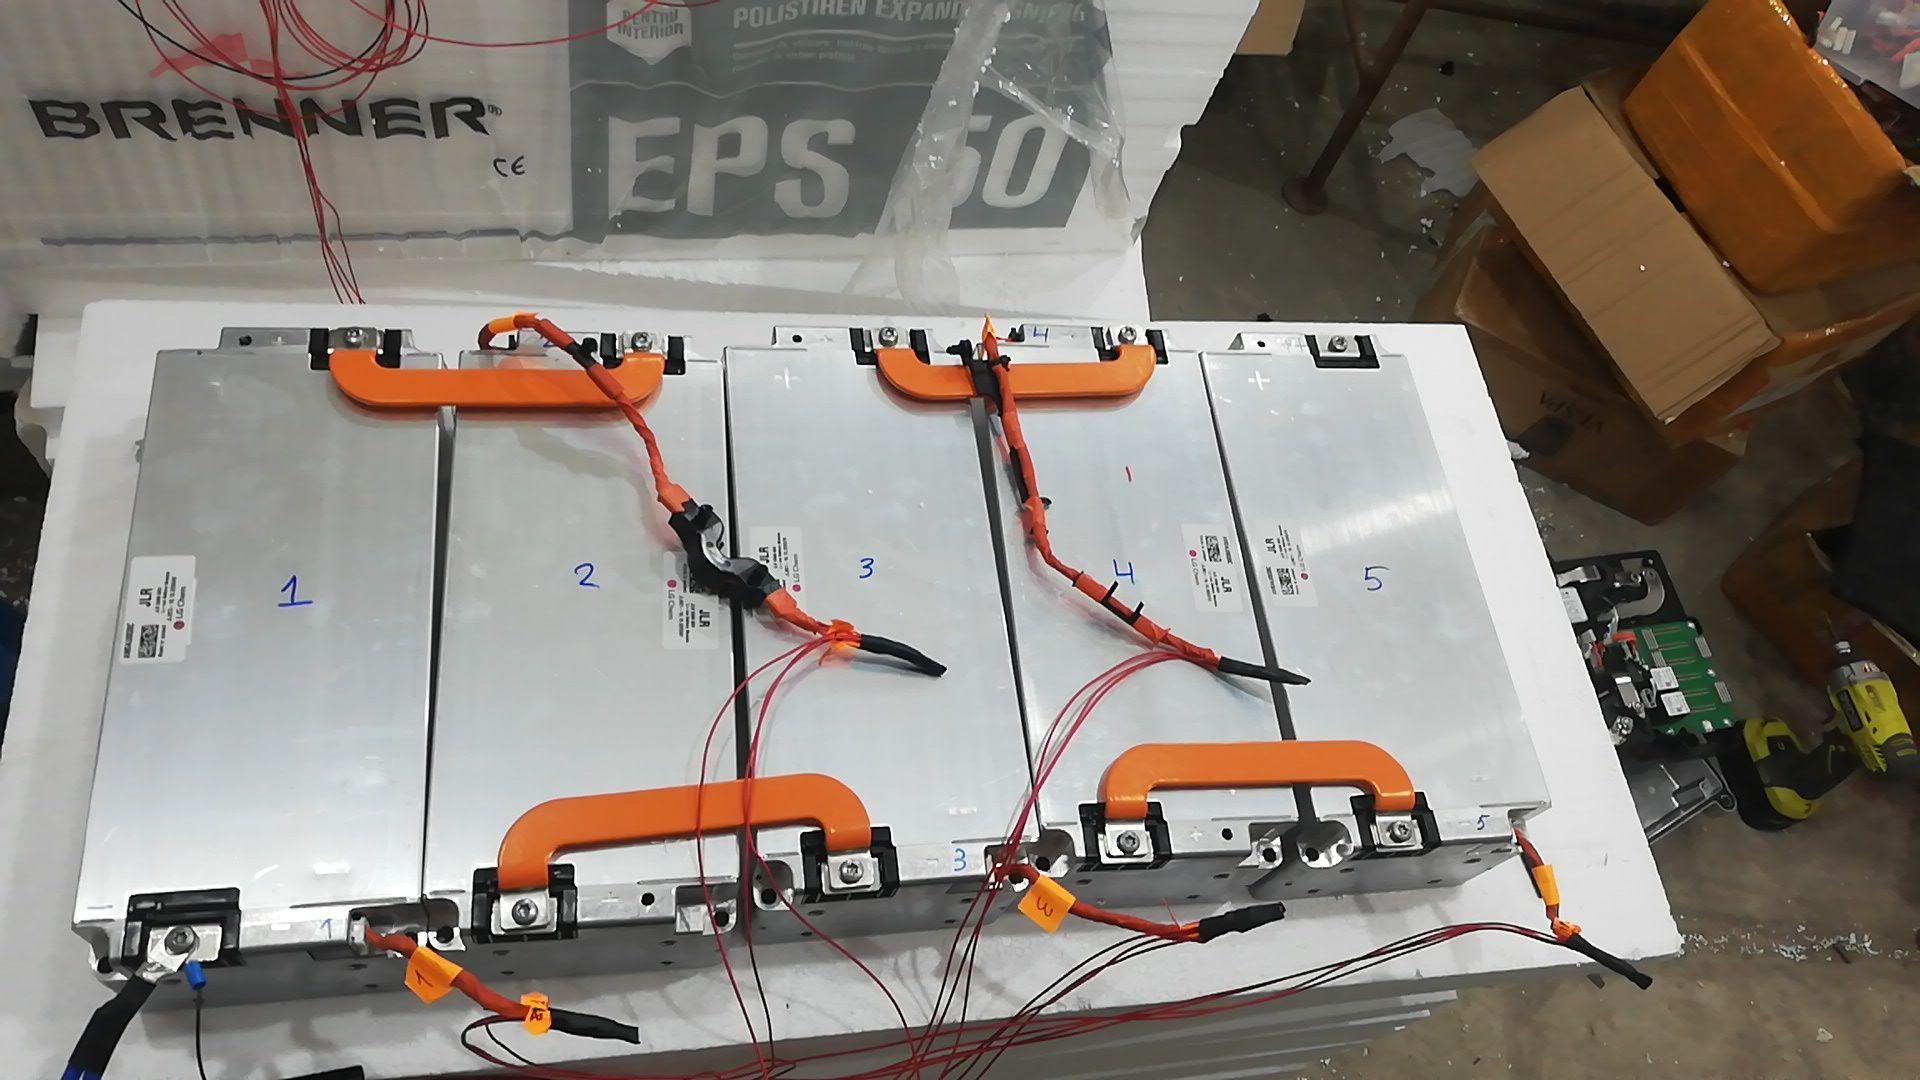 Acumulator Li-Ion 12V - 240Ah . Sisteme fotovoltaice, bărci electrice